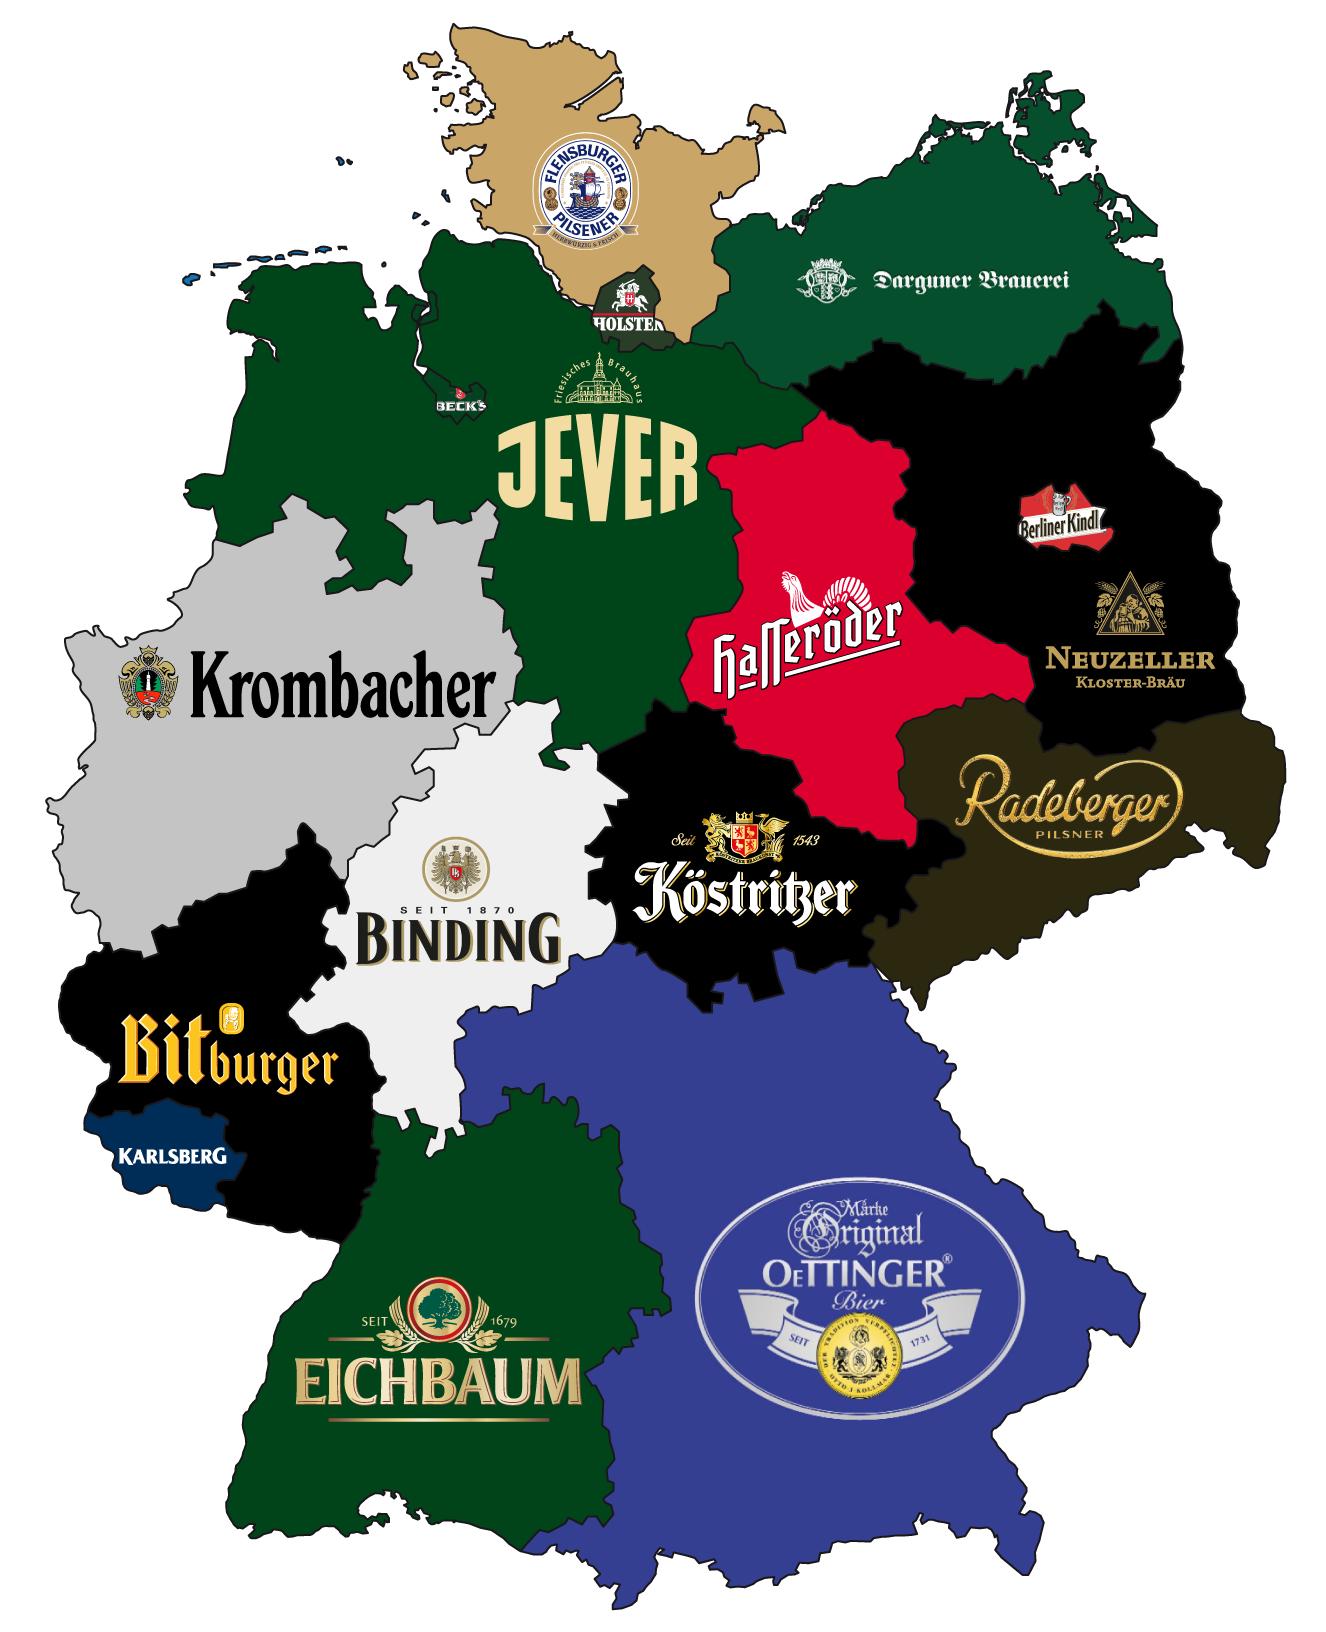 Karte mit den bekanntesten Biermarken Deutschlands nach Bundesländern aufgeschlüsselt